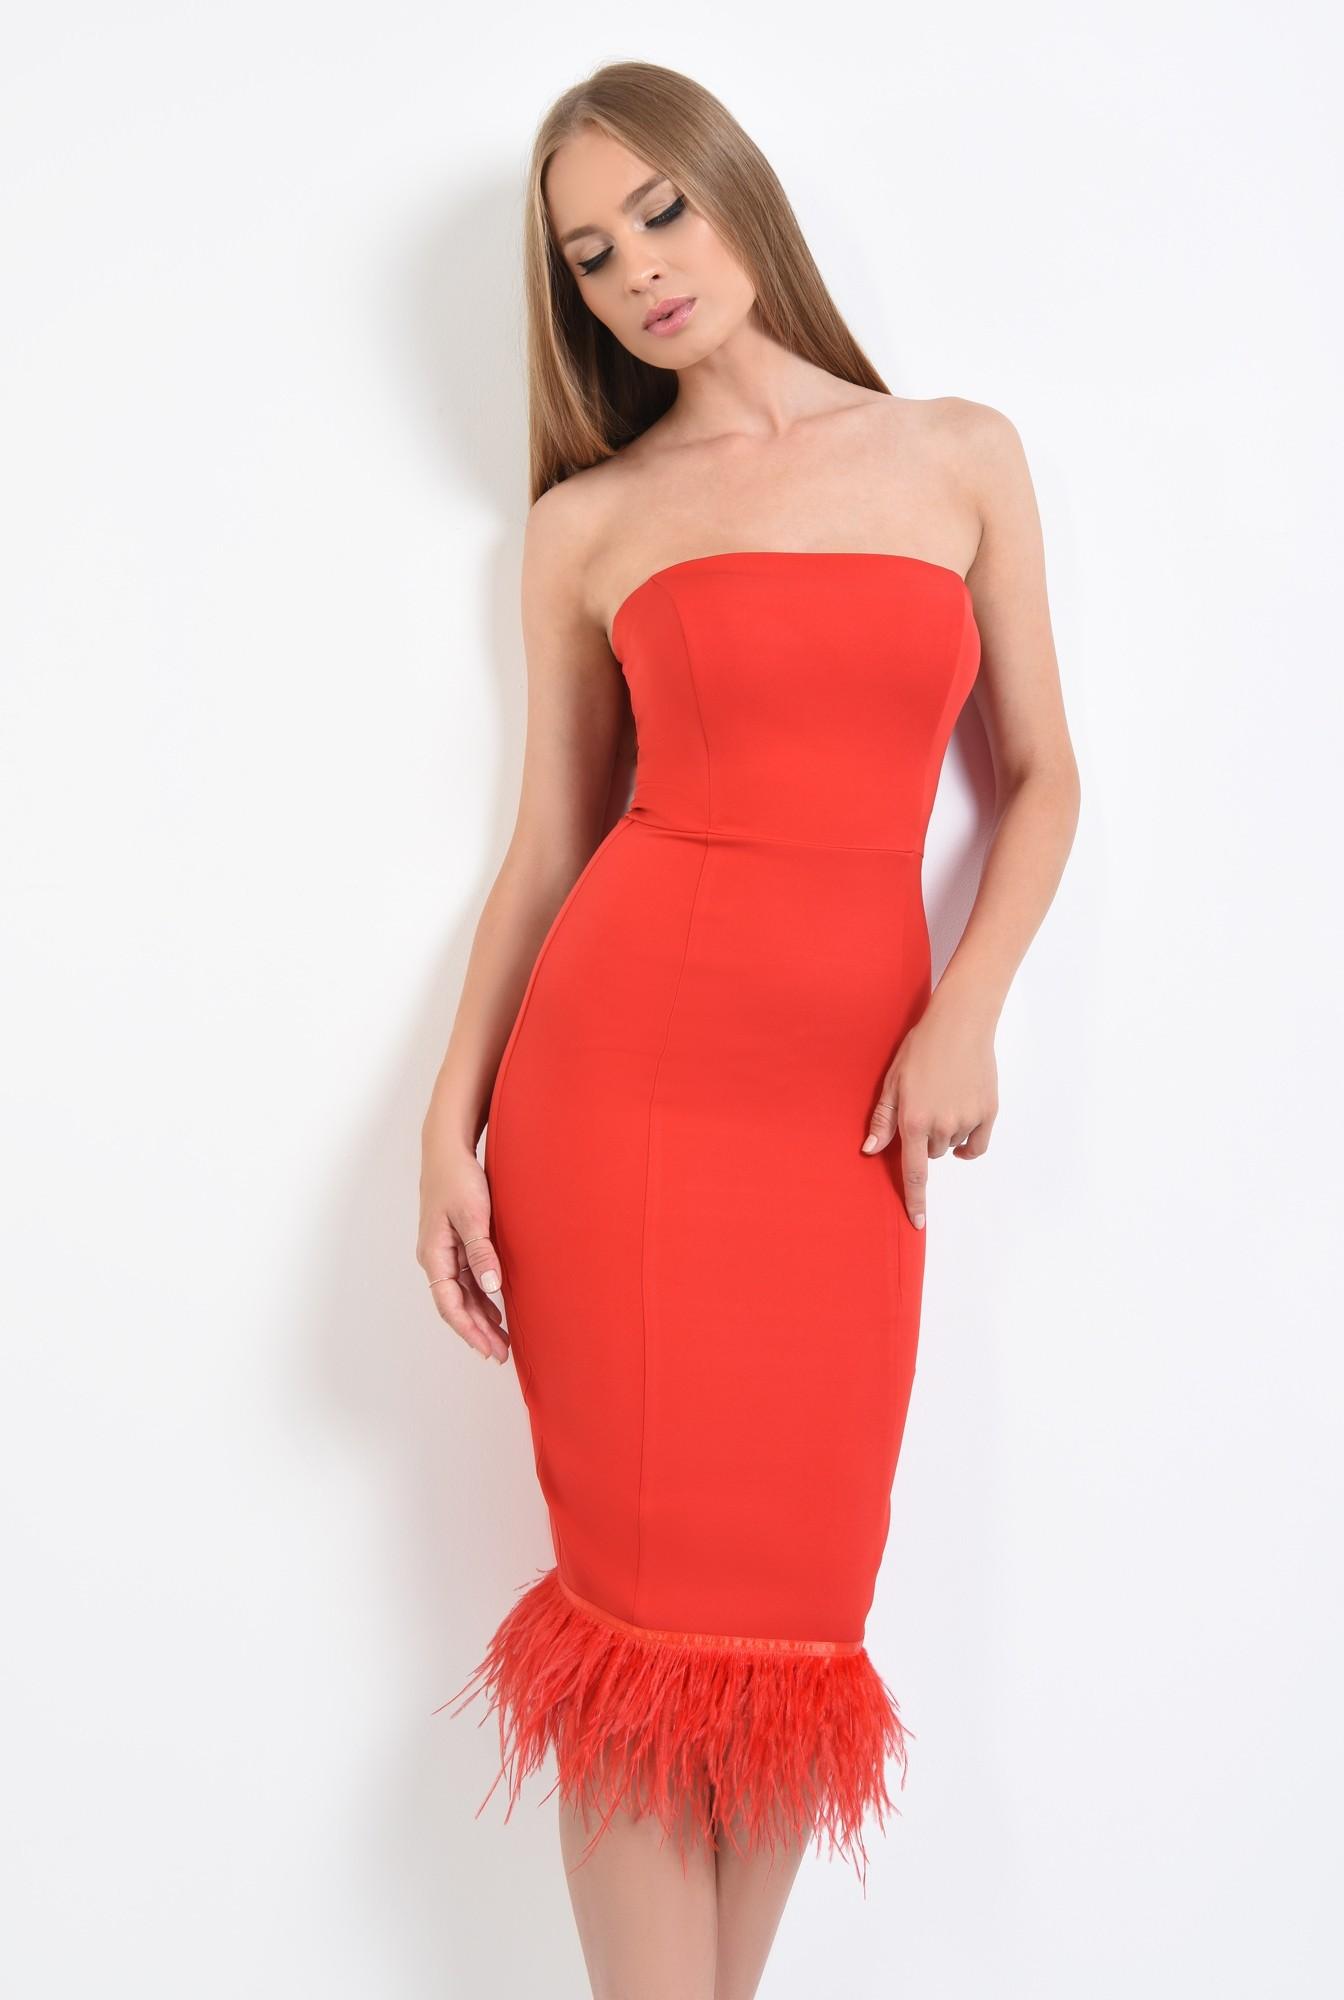 2 - rochie eleganta, rosu, corset